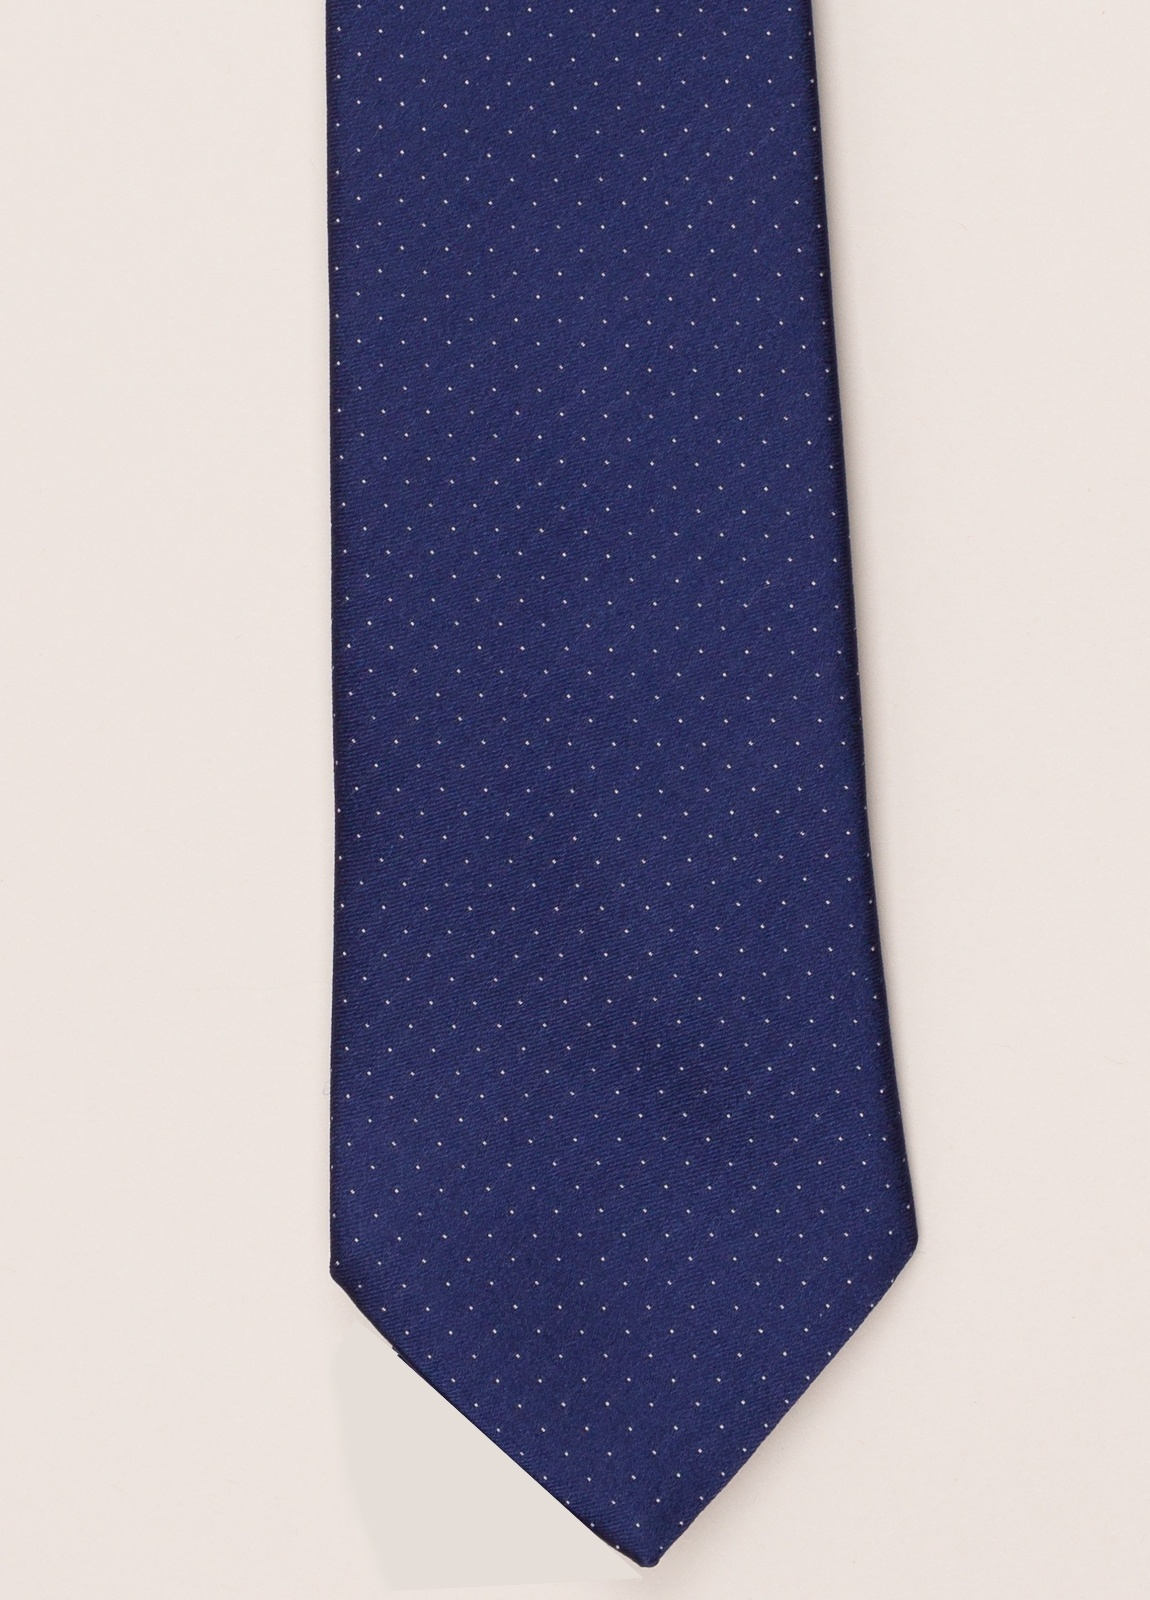 Corbata FUREST COLECCIÓN azul topito